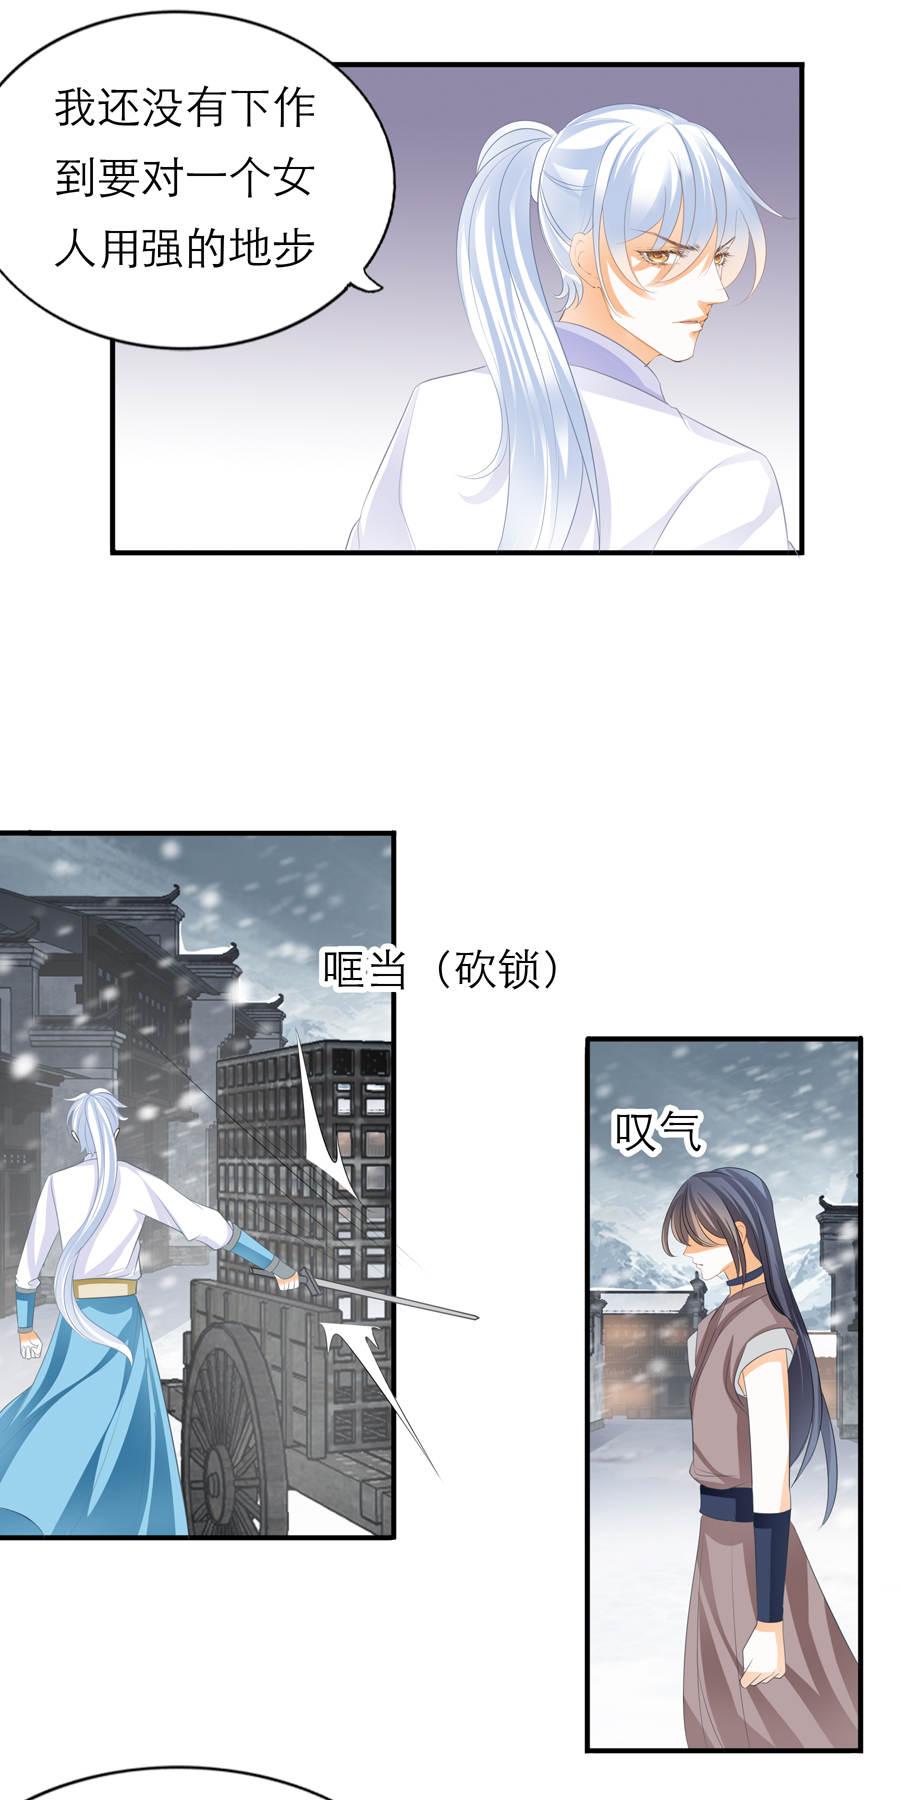 帝业第106话  肃杀之夜 第 9